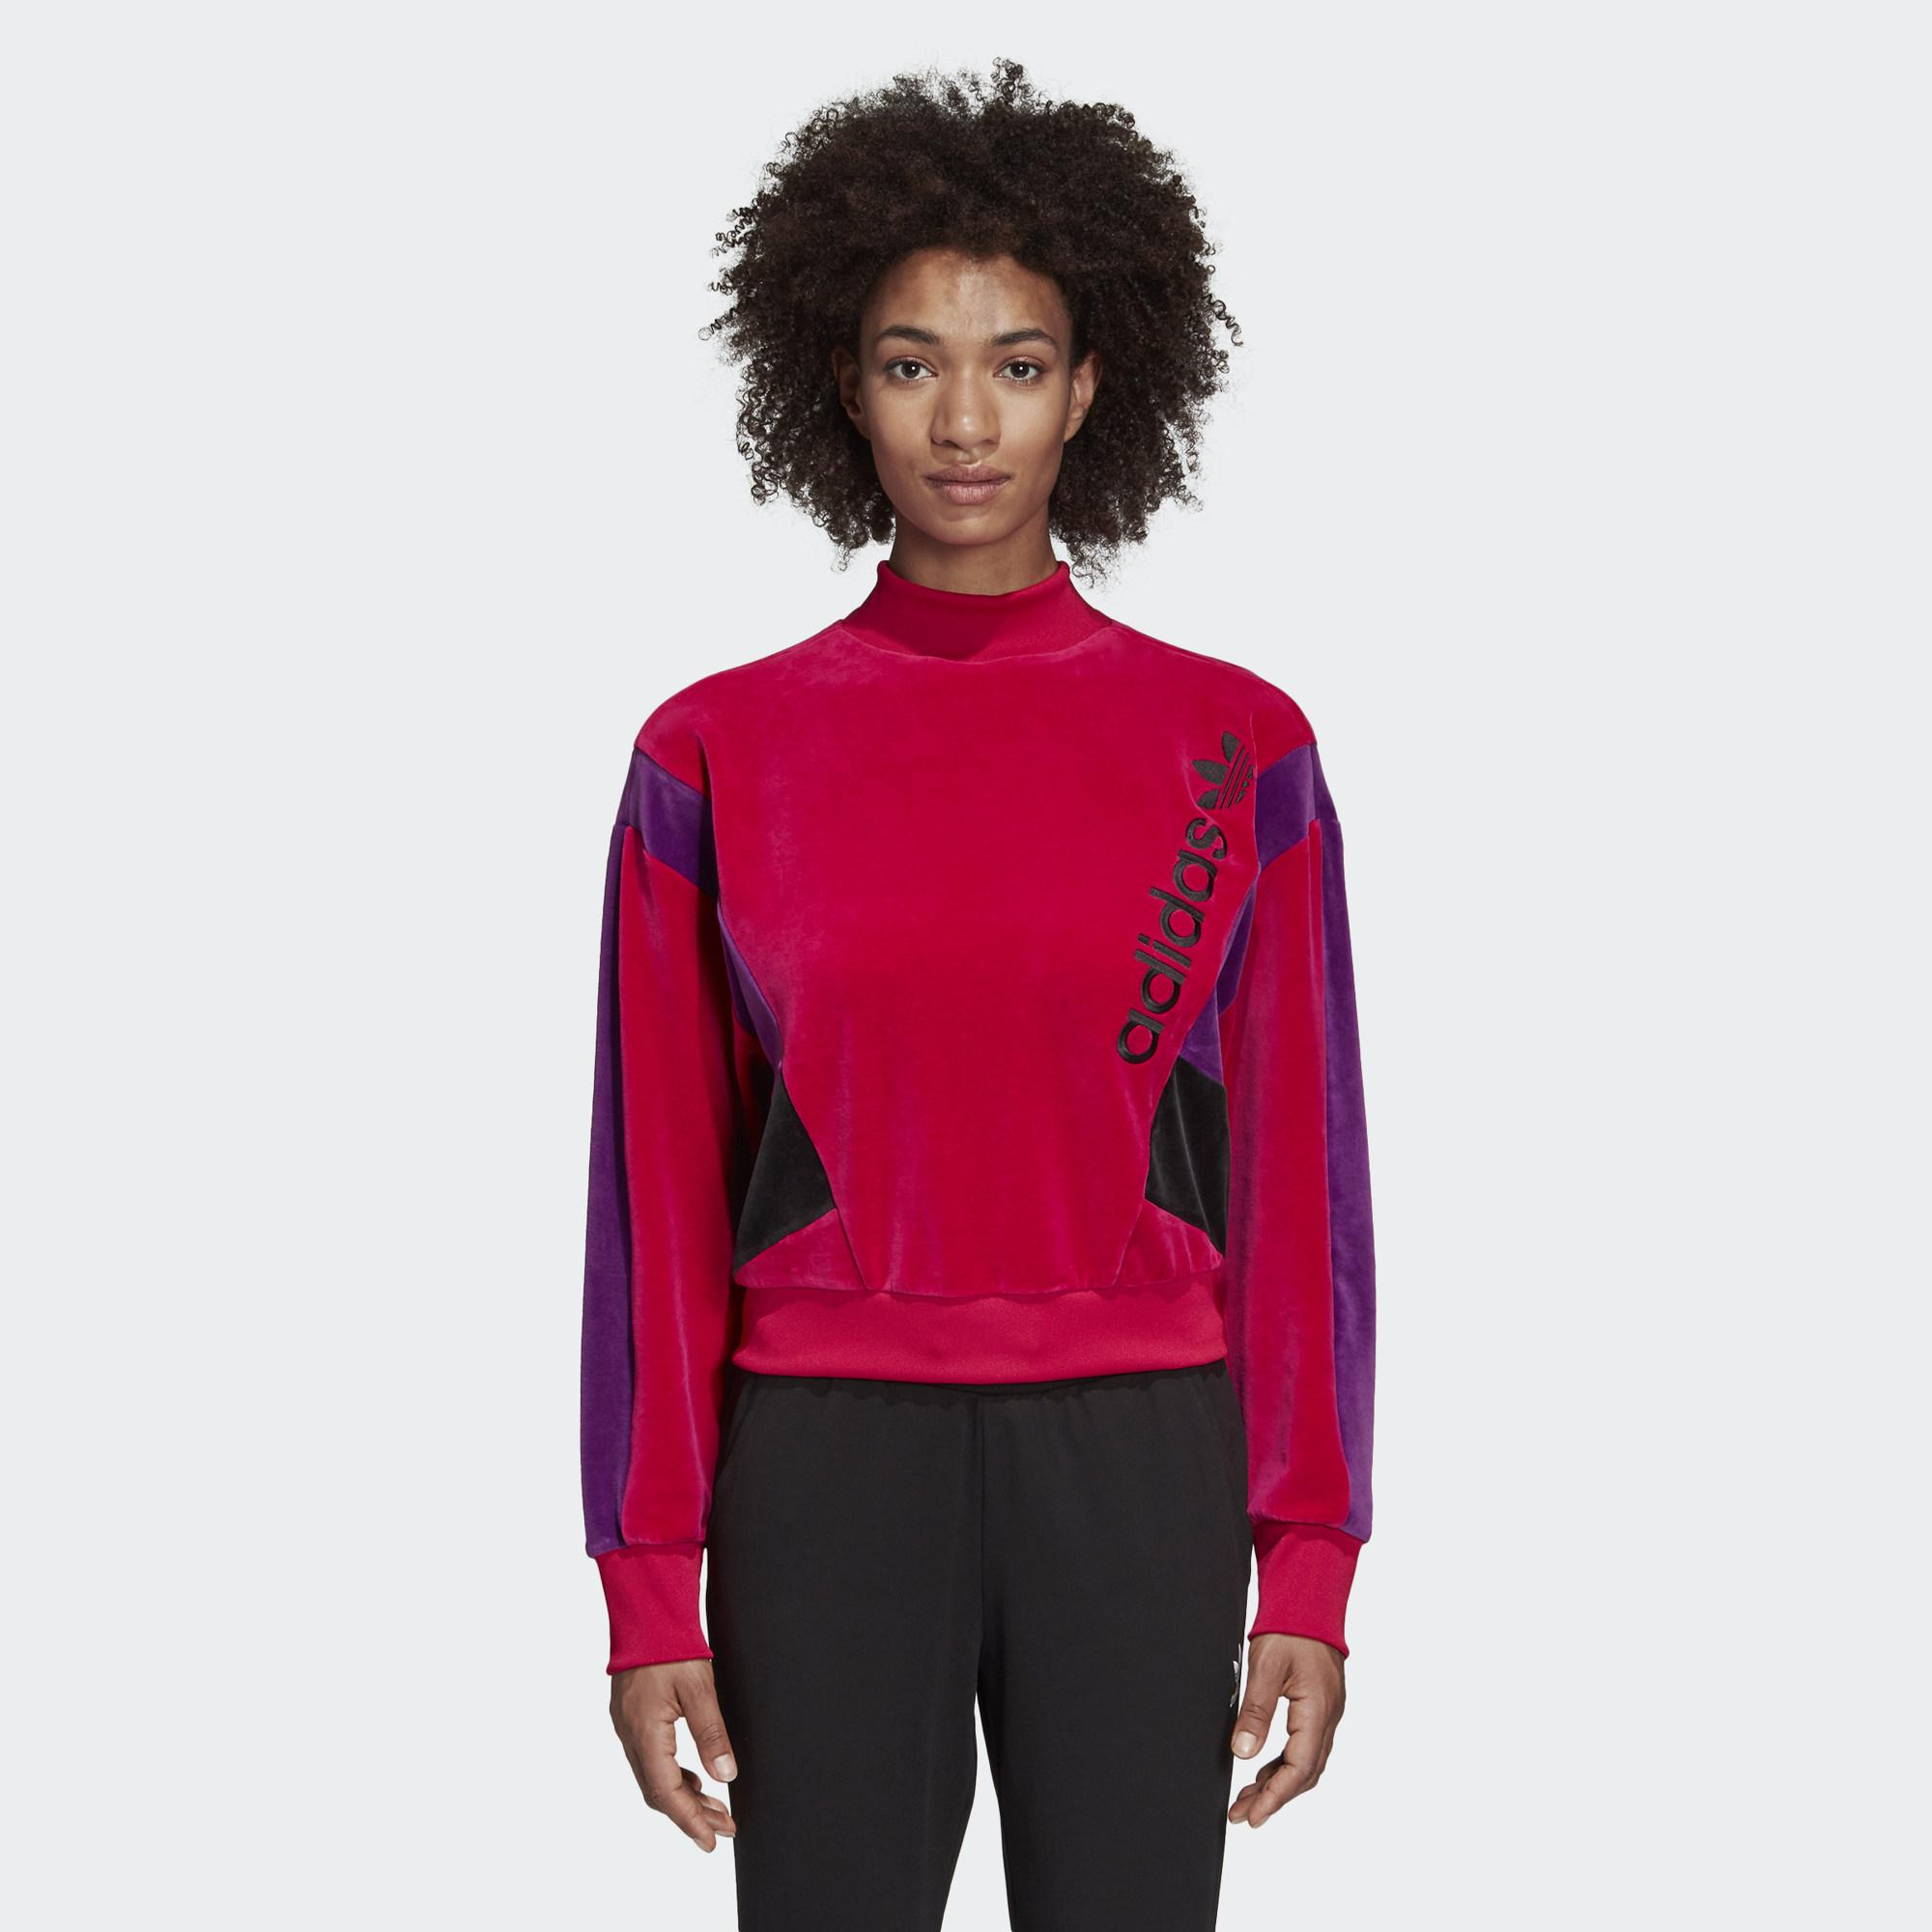 國際尺寸 寬鬆型剪裁,舒適休閒 羅紋圓領 長袖;羅紋袖口 76%棉 / 21%聚酯纖維 / 3%氨綸 羅紋下擺